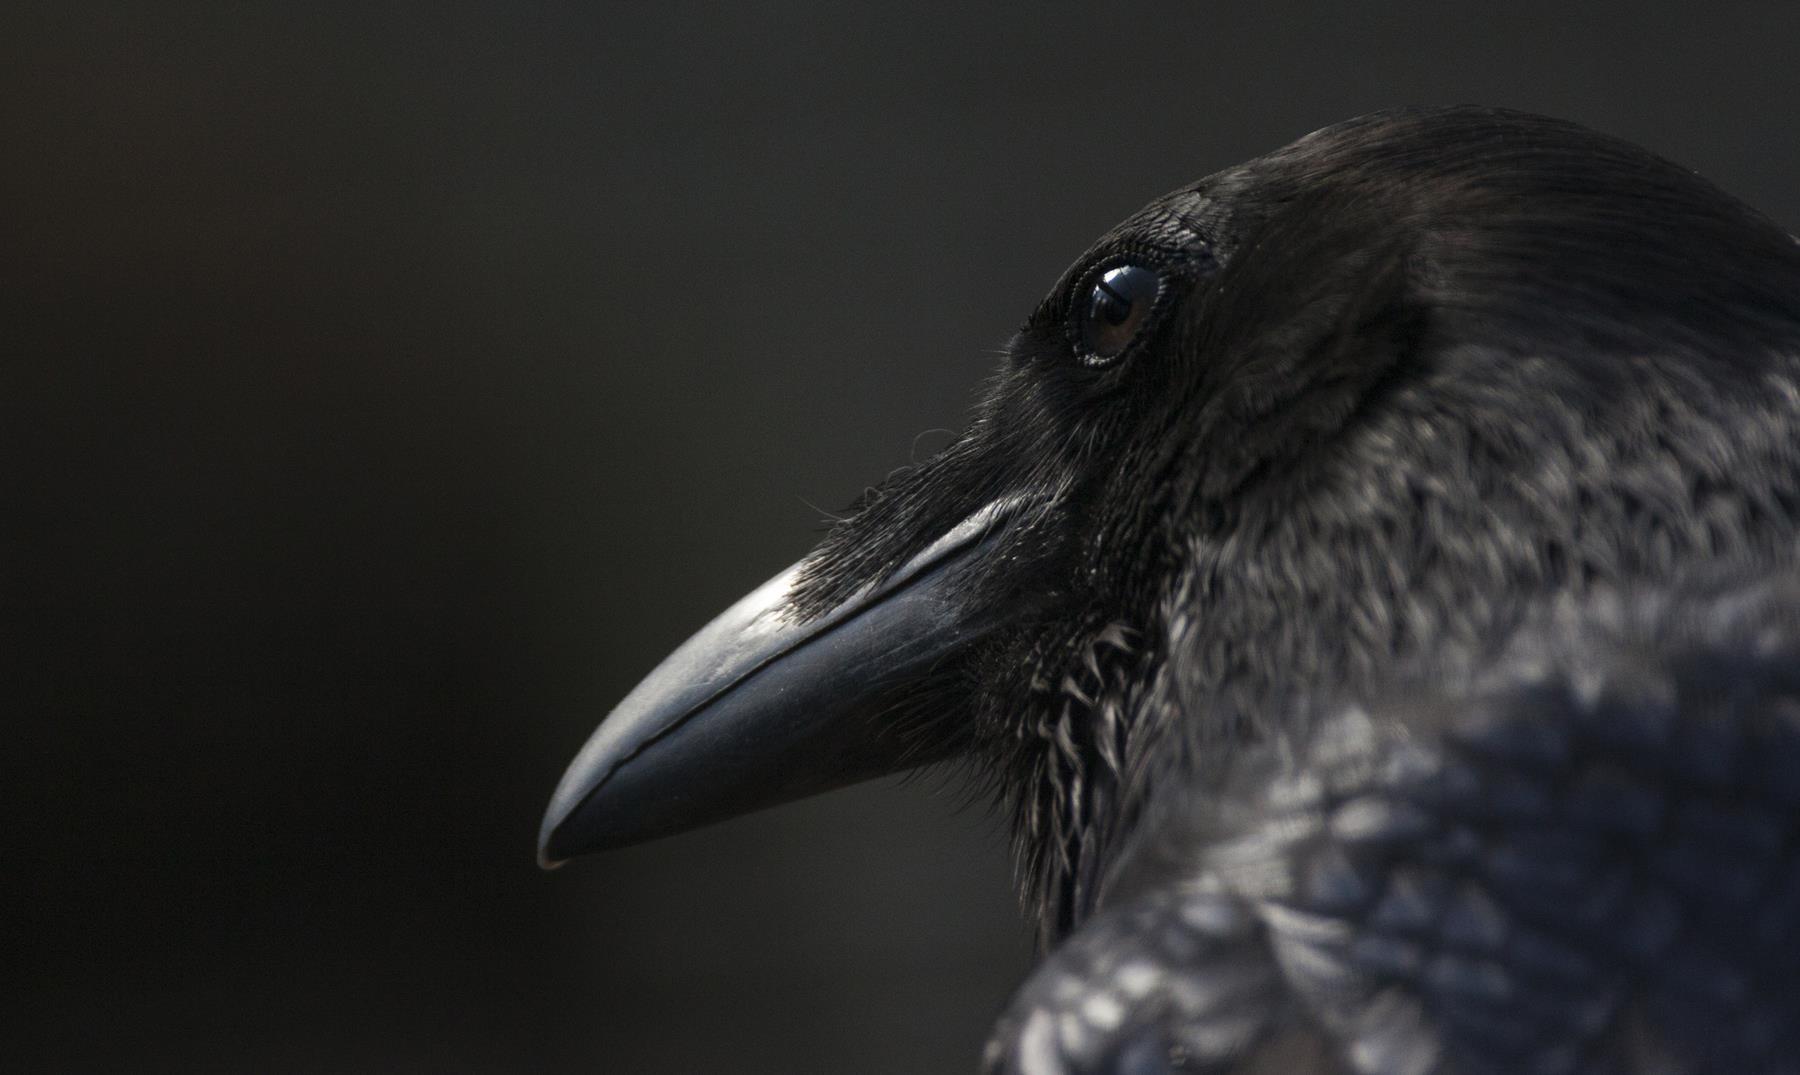 La niña que recibe obsequios de los cuervos